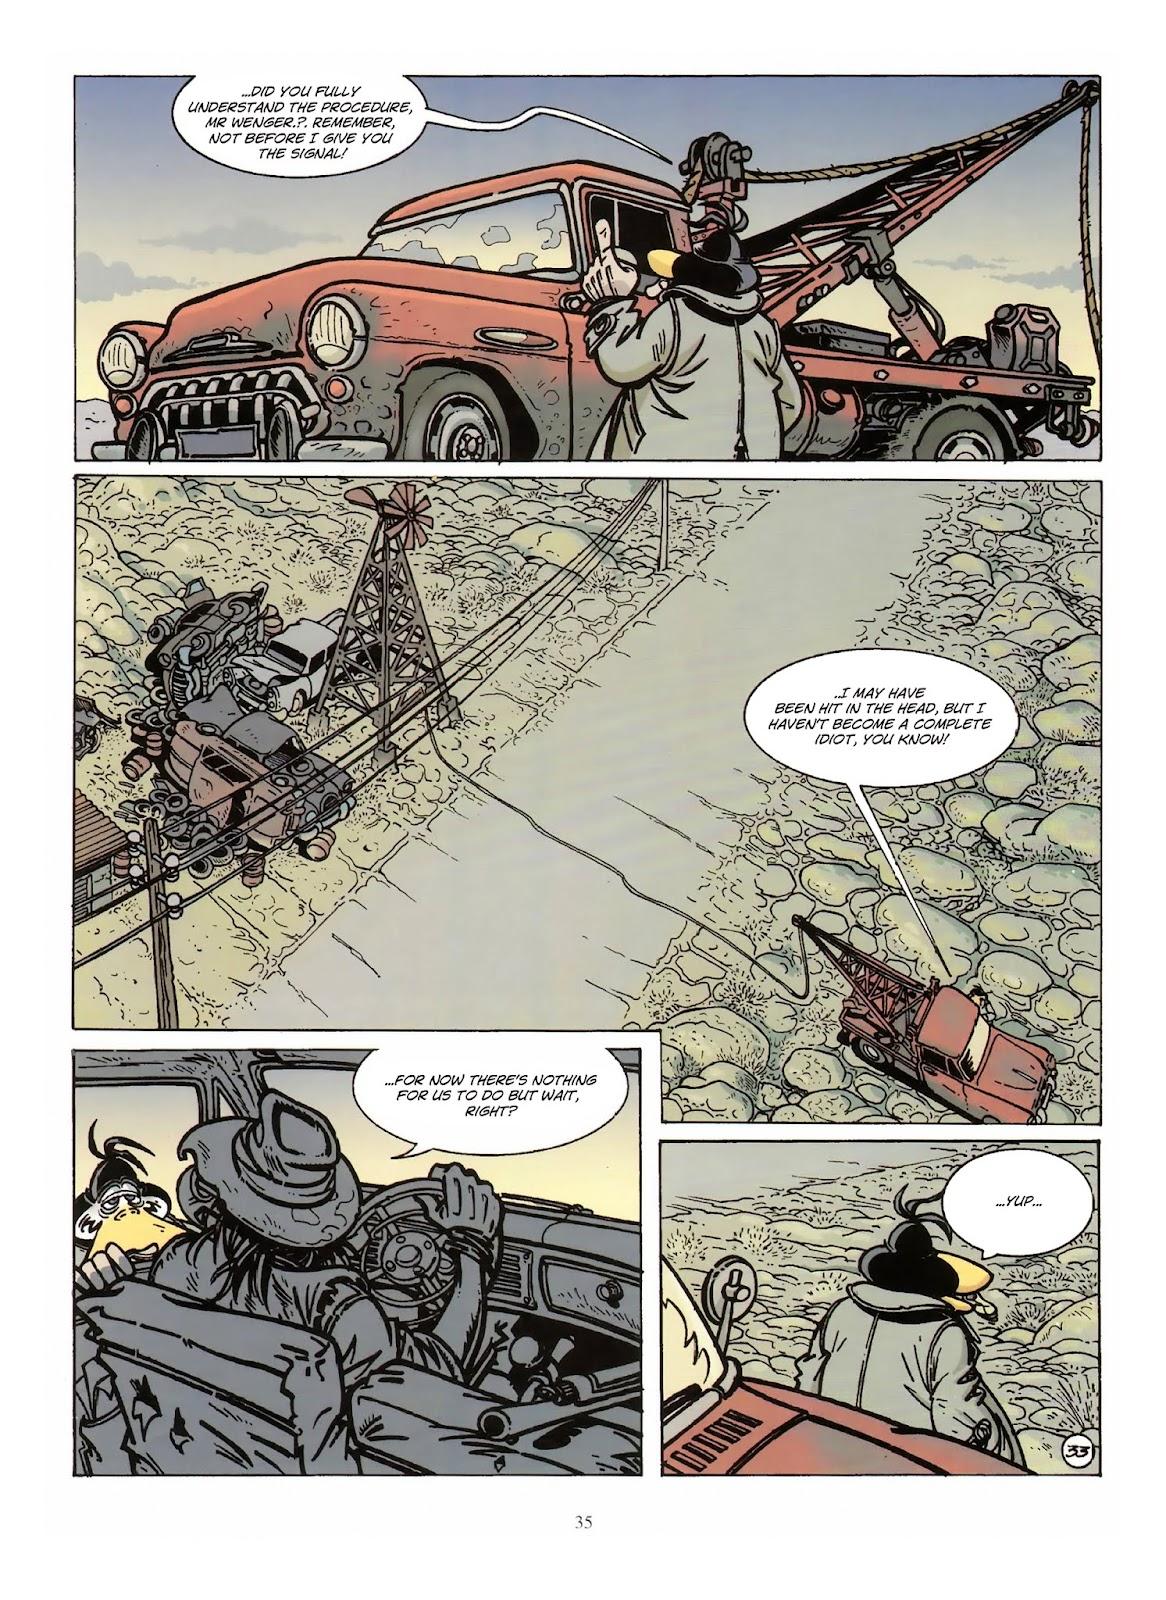 Une enquête de l'inspecteur Canardo issue 10 - Page 36